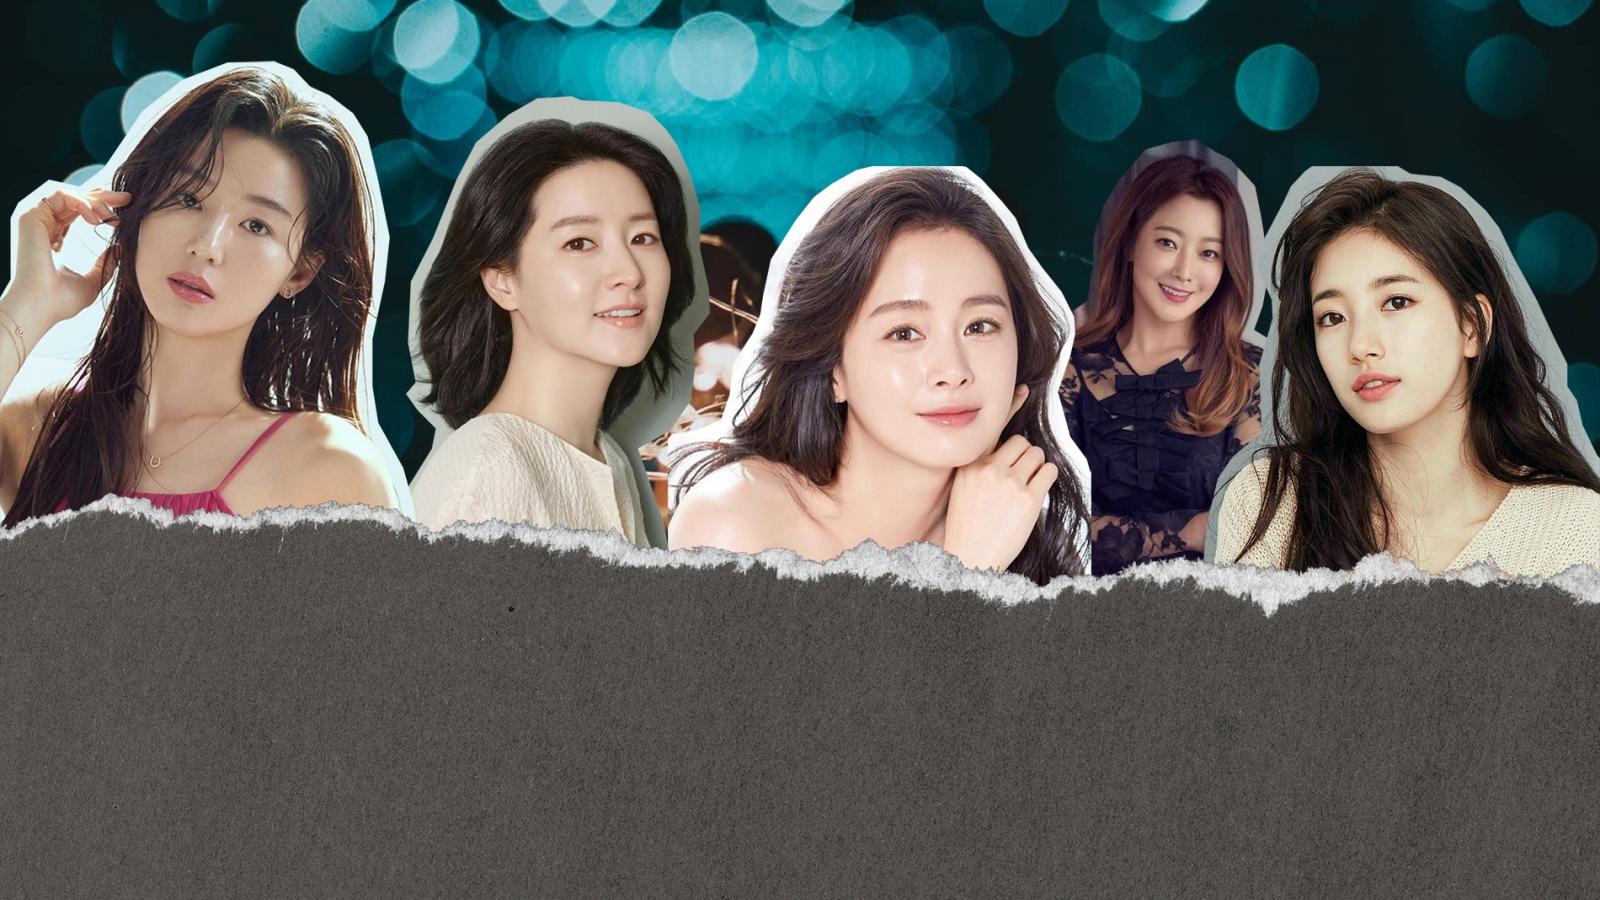 """Top 10 """"tường thành"""" nhan sắc hàng đầu xứ Hàn"""